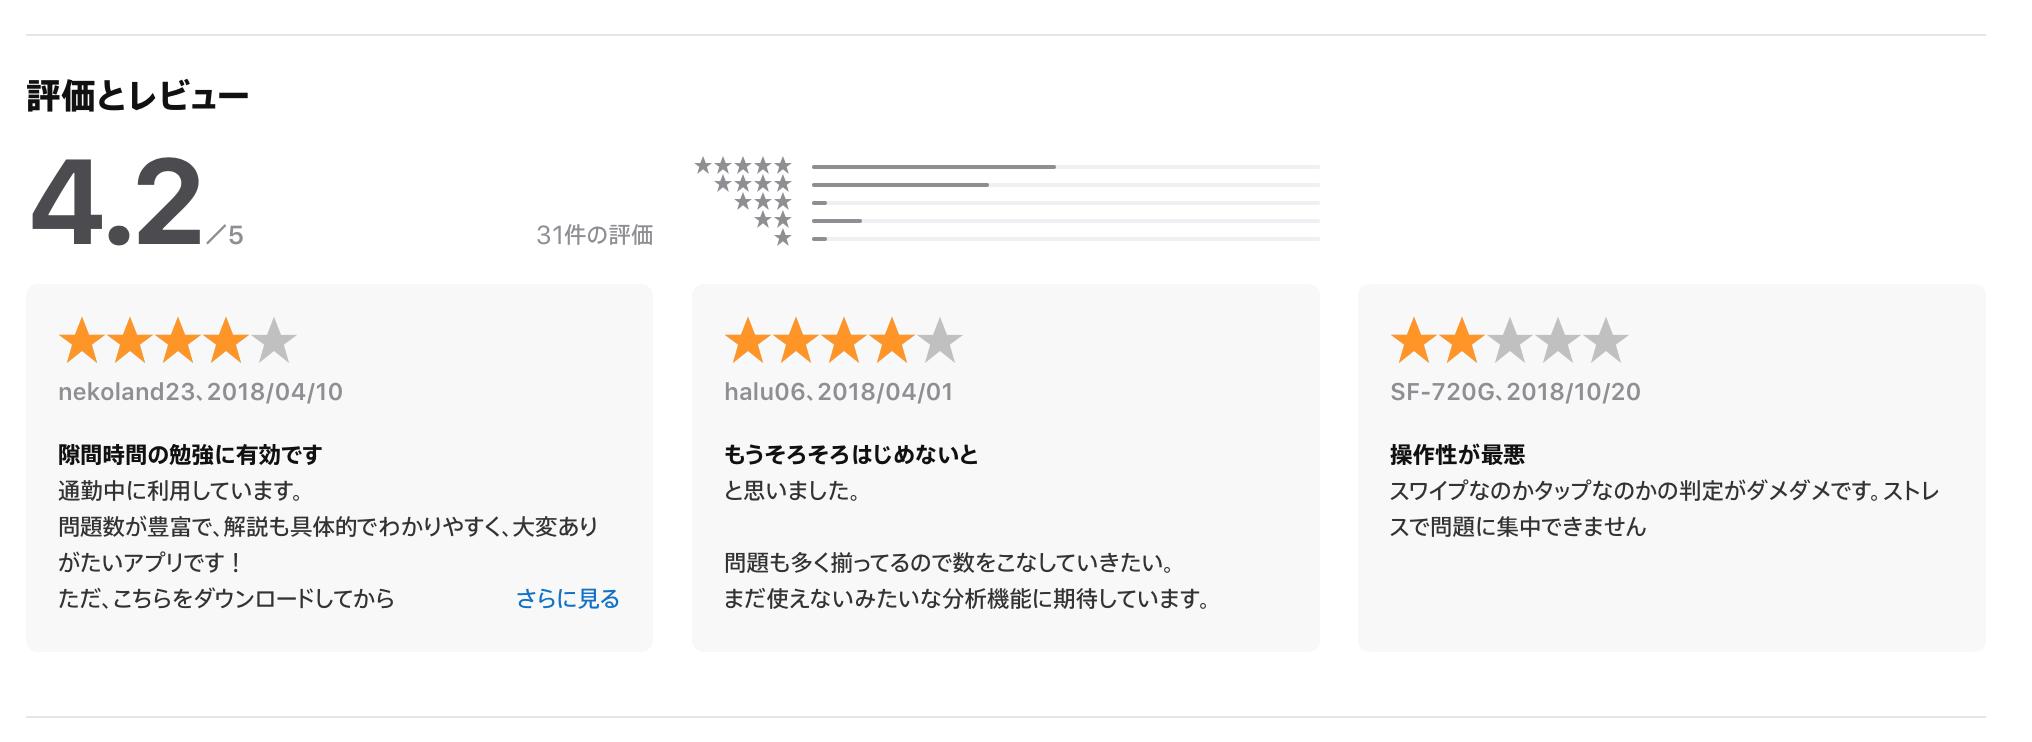 スタケン宅建アプリの口コミと評判の画像